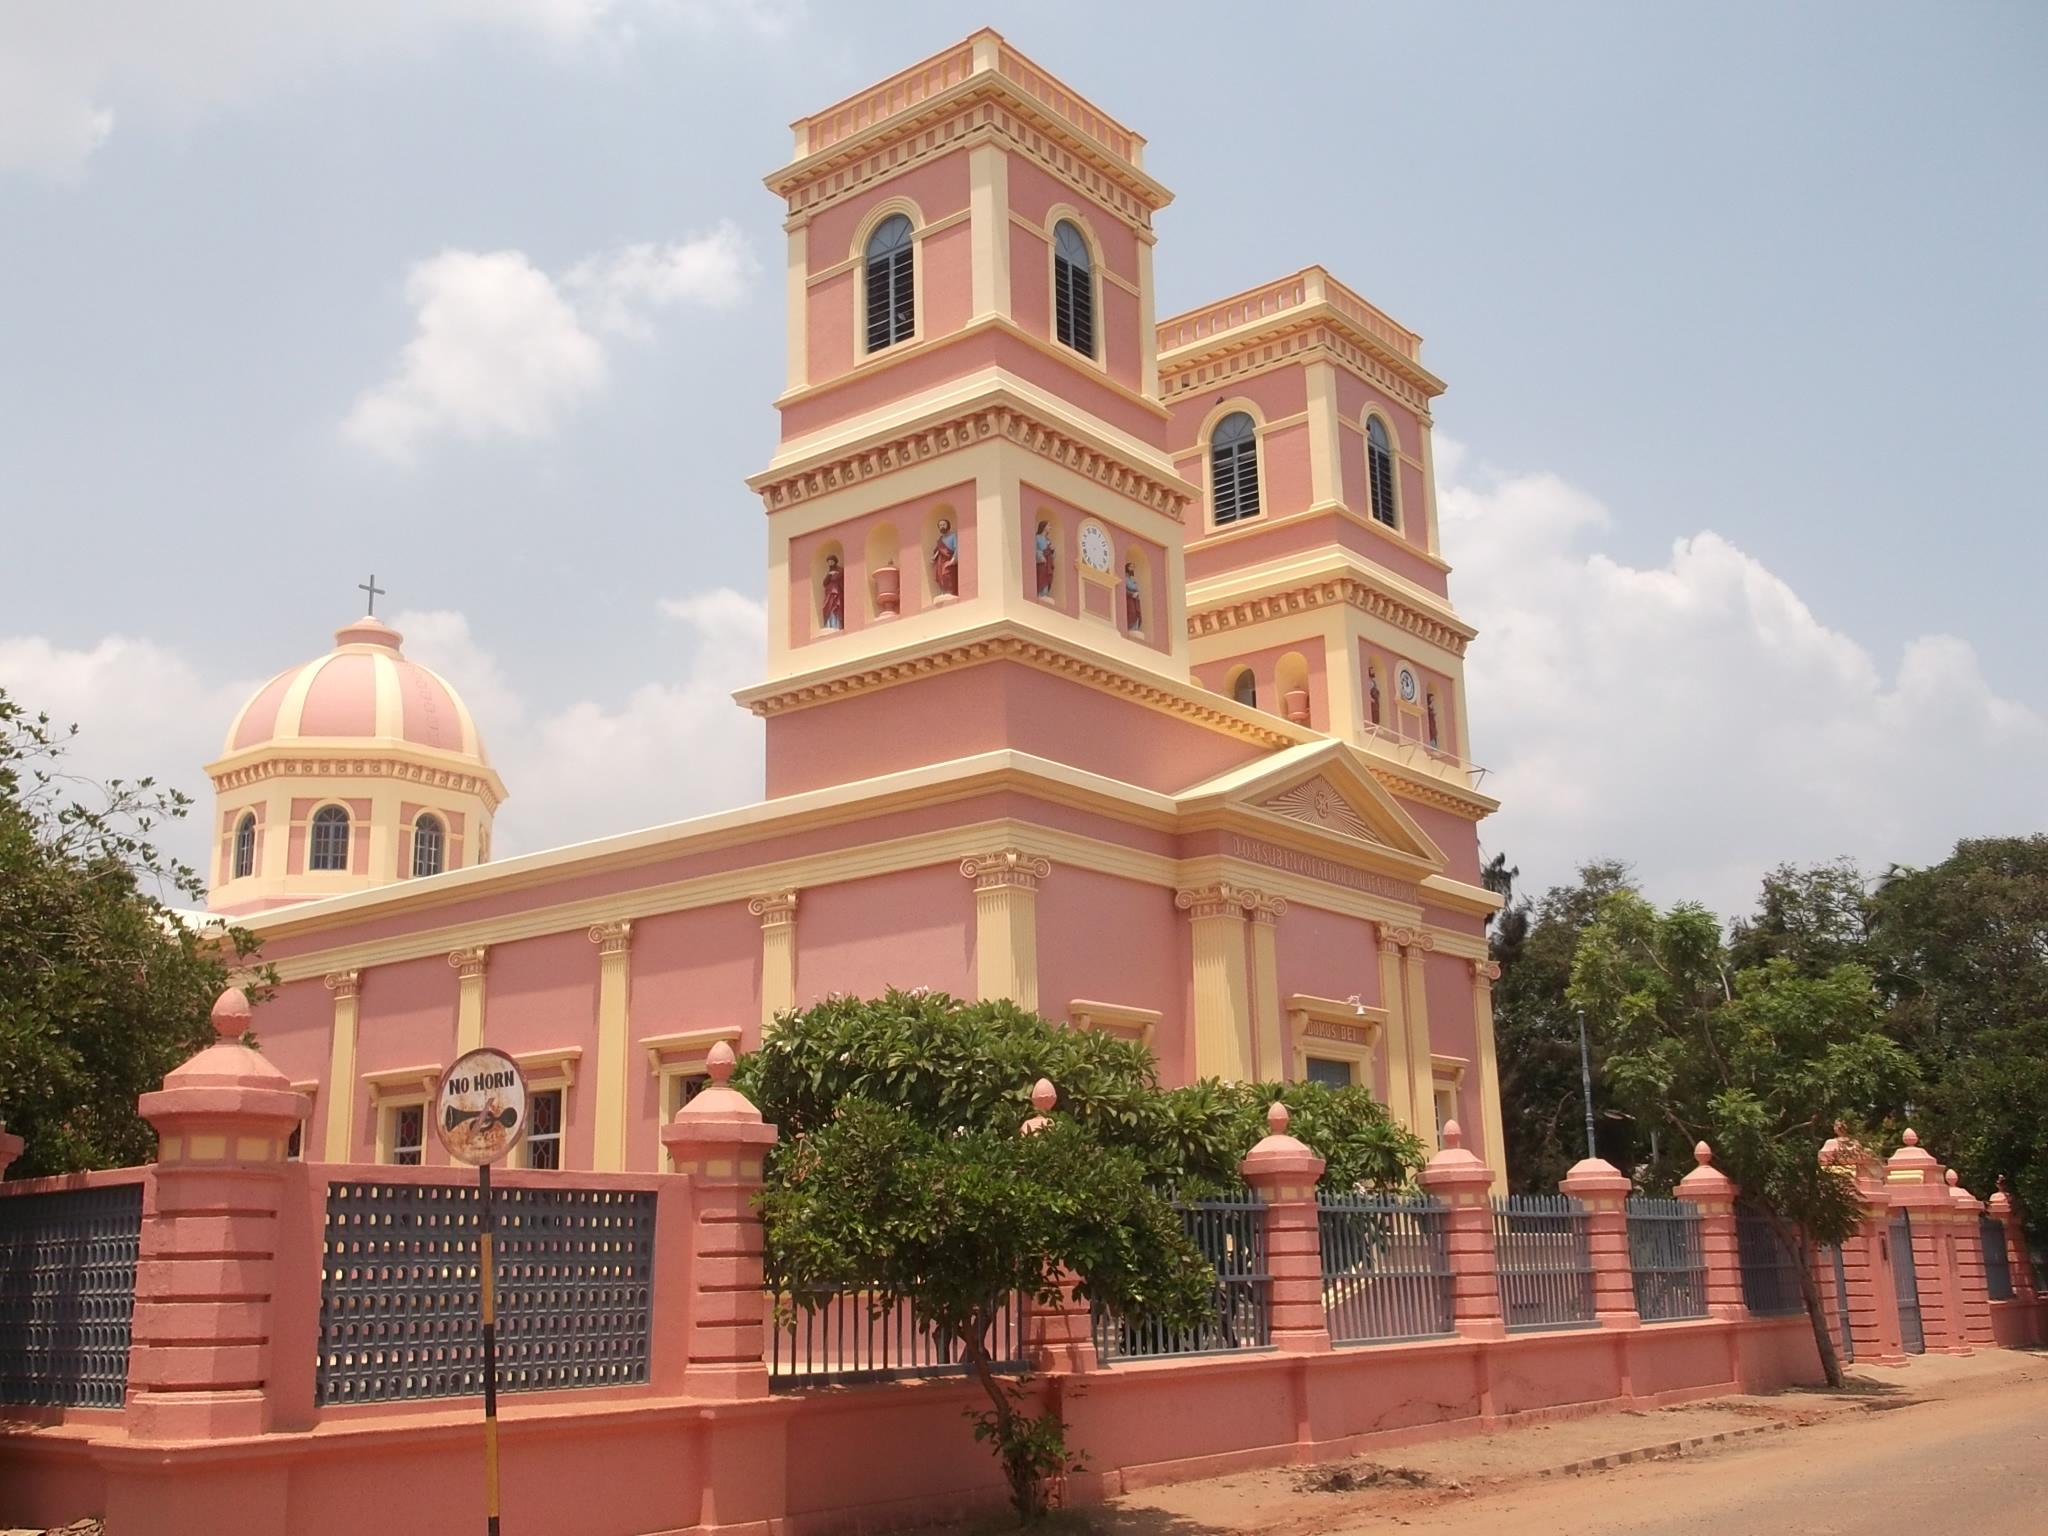 Eglise De Sacre Coeur De Jesus Church